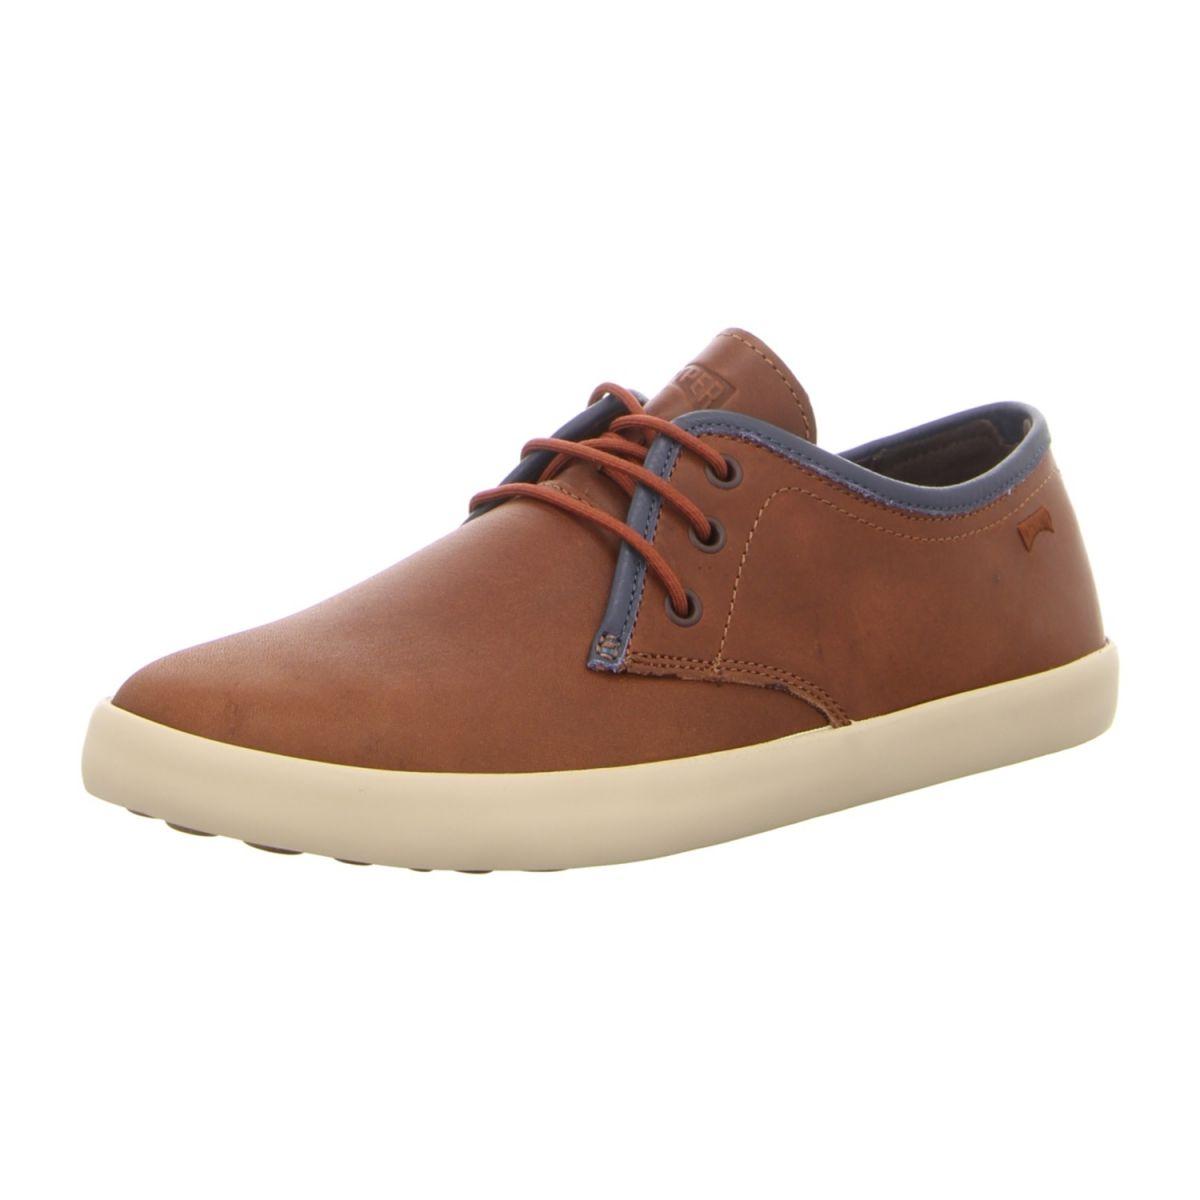 El Naturalista Schuhe für Herren Online Kaufen | FASHIOLA.at